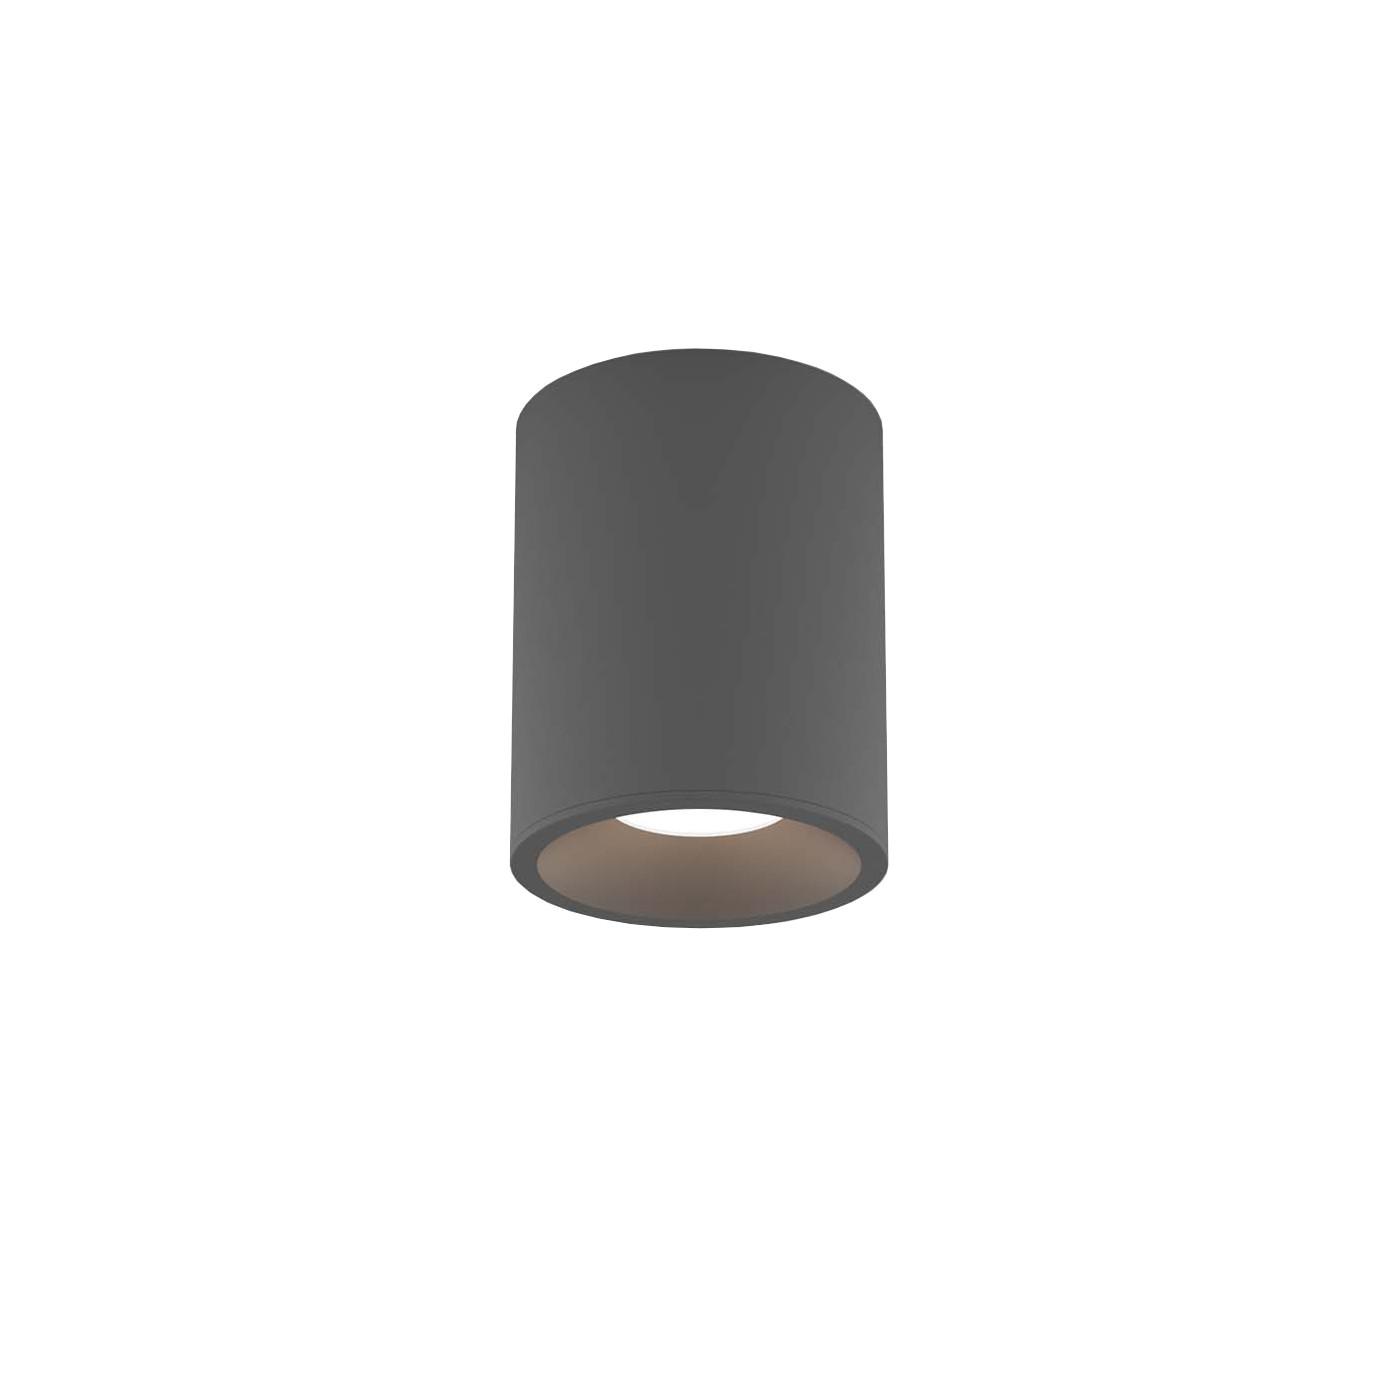 Astro Kos Round 100 LED Deckenleuchte